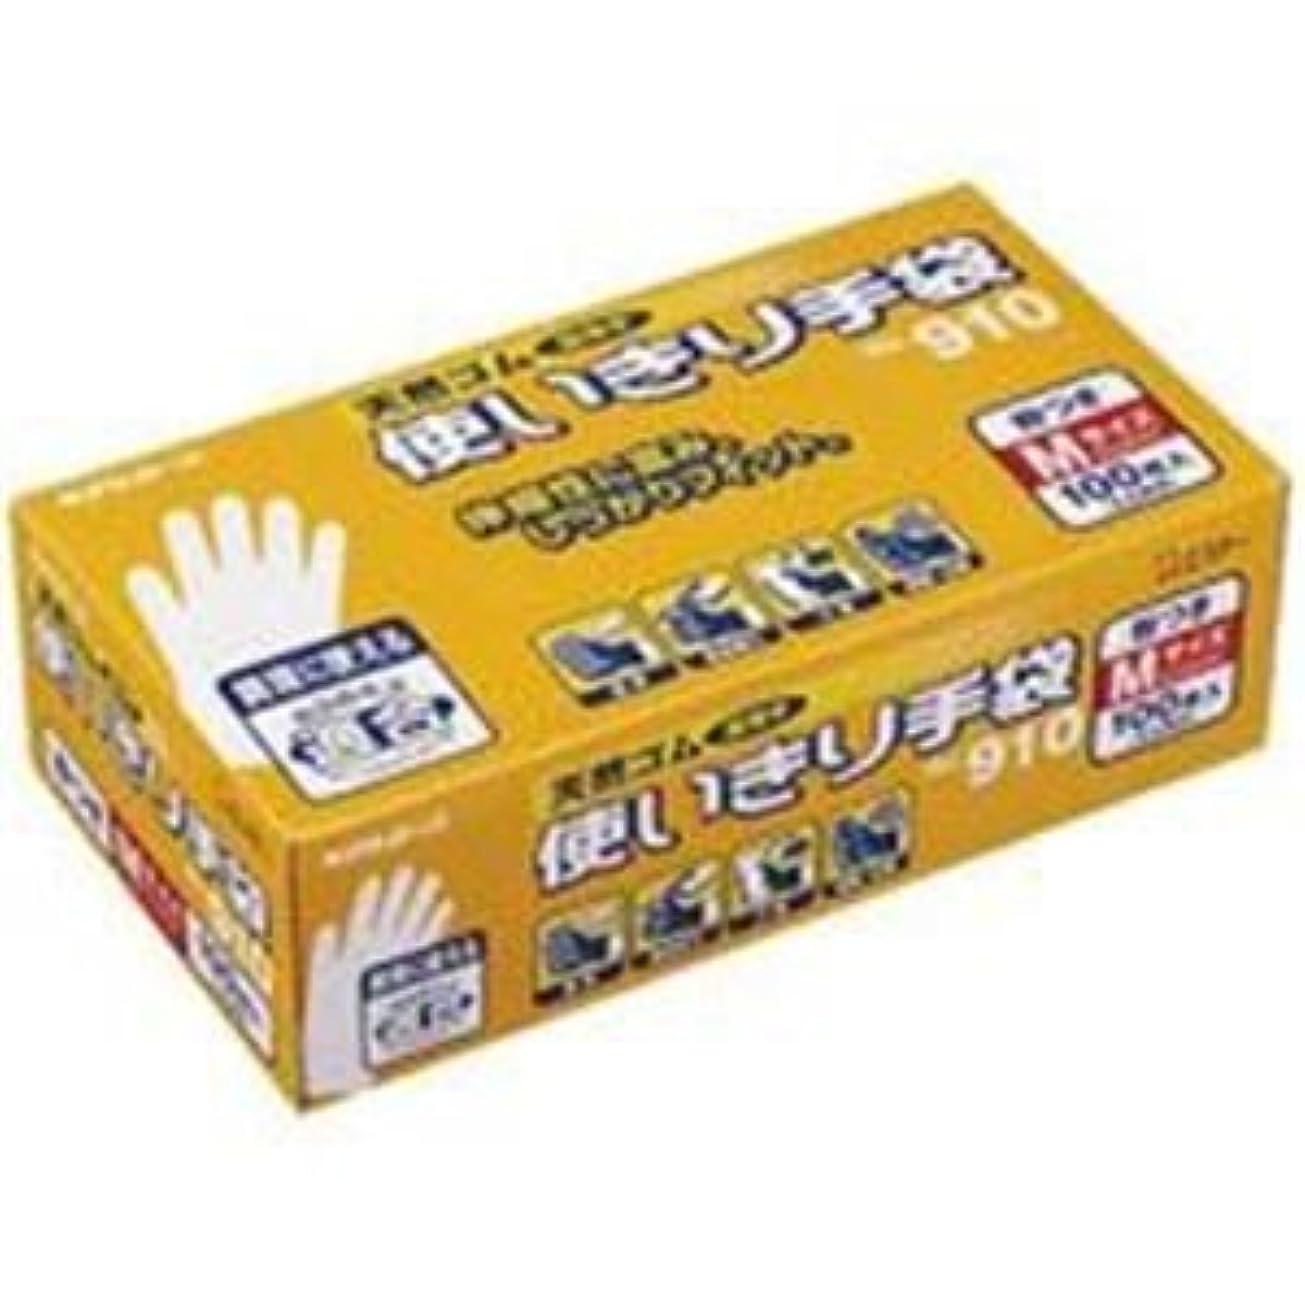 (業務用3セット)エステー 天然ゴム使い切り手袋/作業用手袋 【No.910/M 1箱】 [簡易パッケージ品]